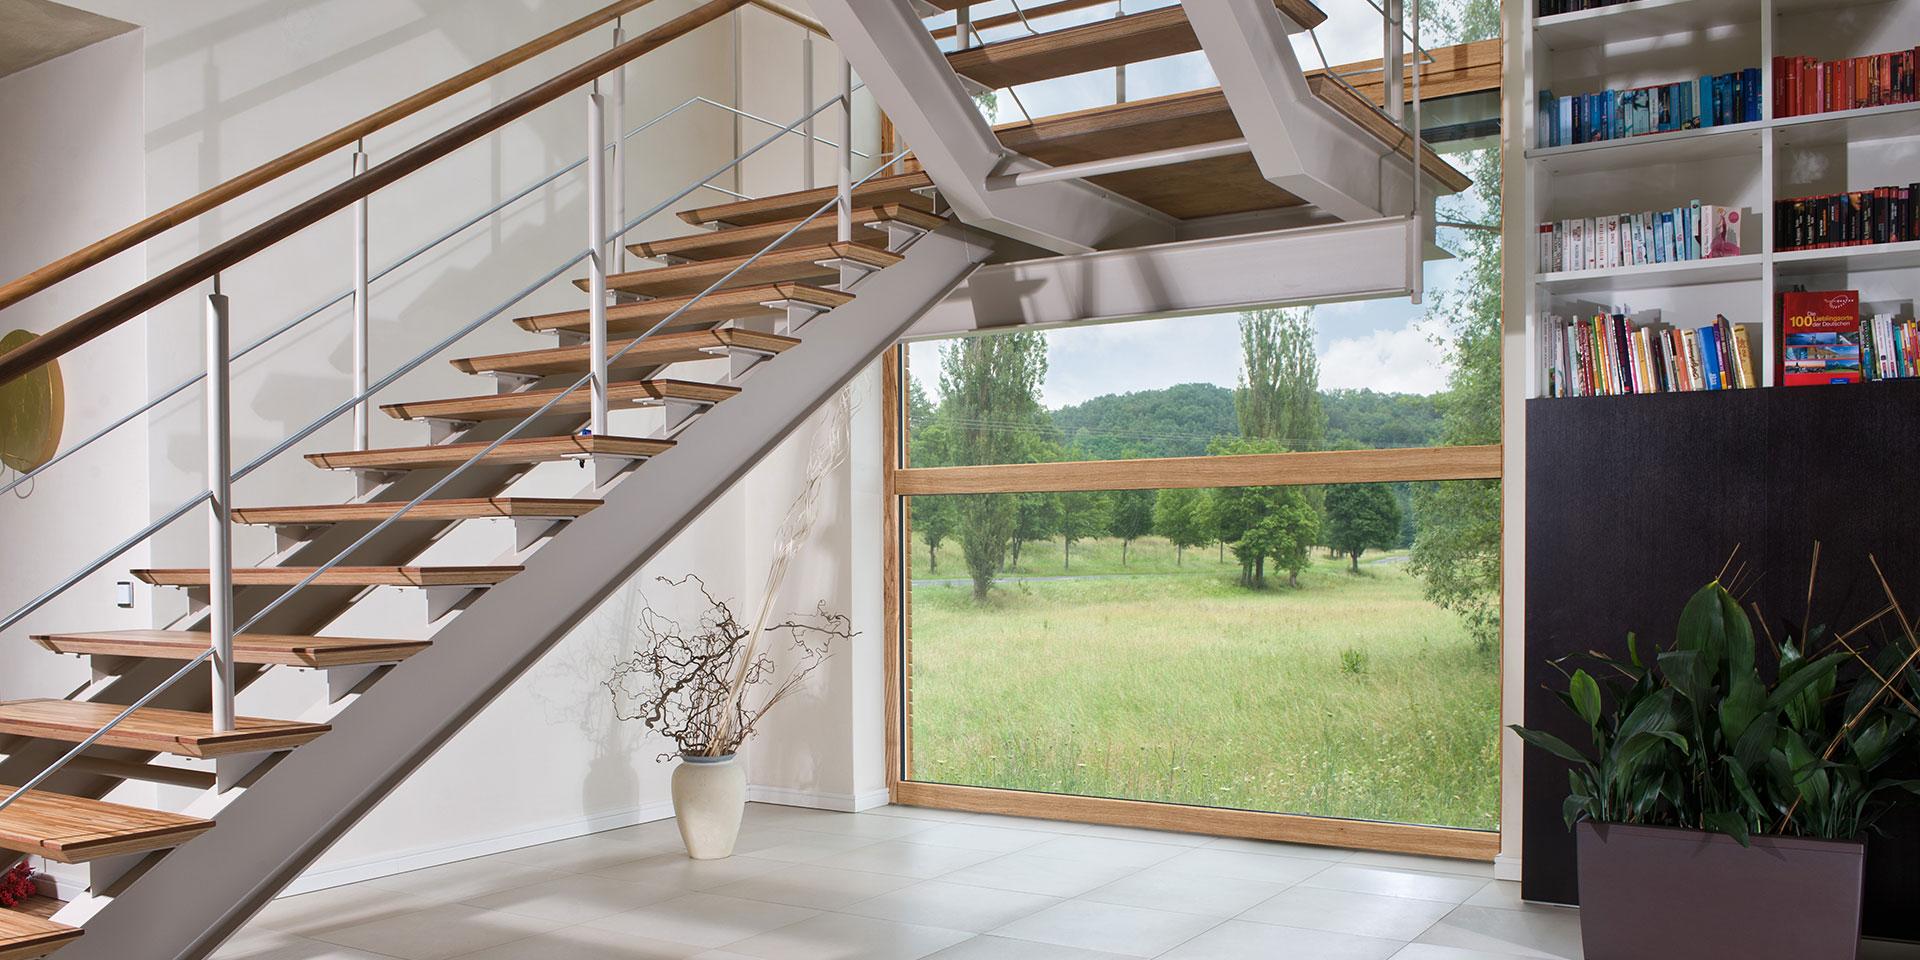 Döpfner Holz-Aluminium-Fenster